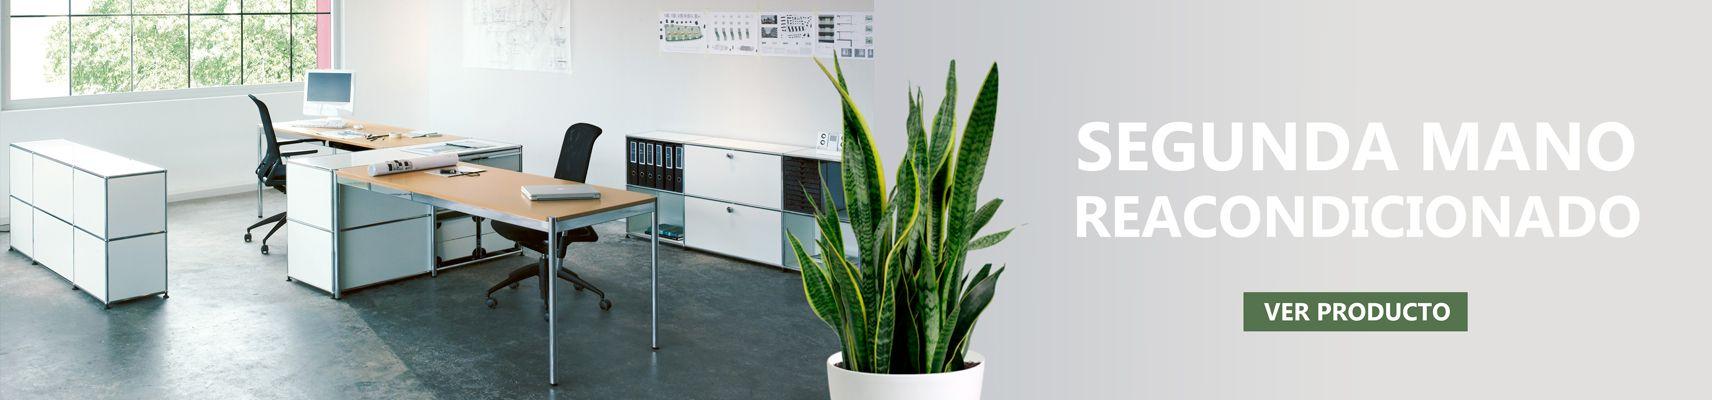 Compra muebles de oficina de segunda mano reacondicionado al mejor precio, calidad y garantía Montiel